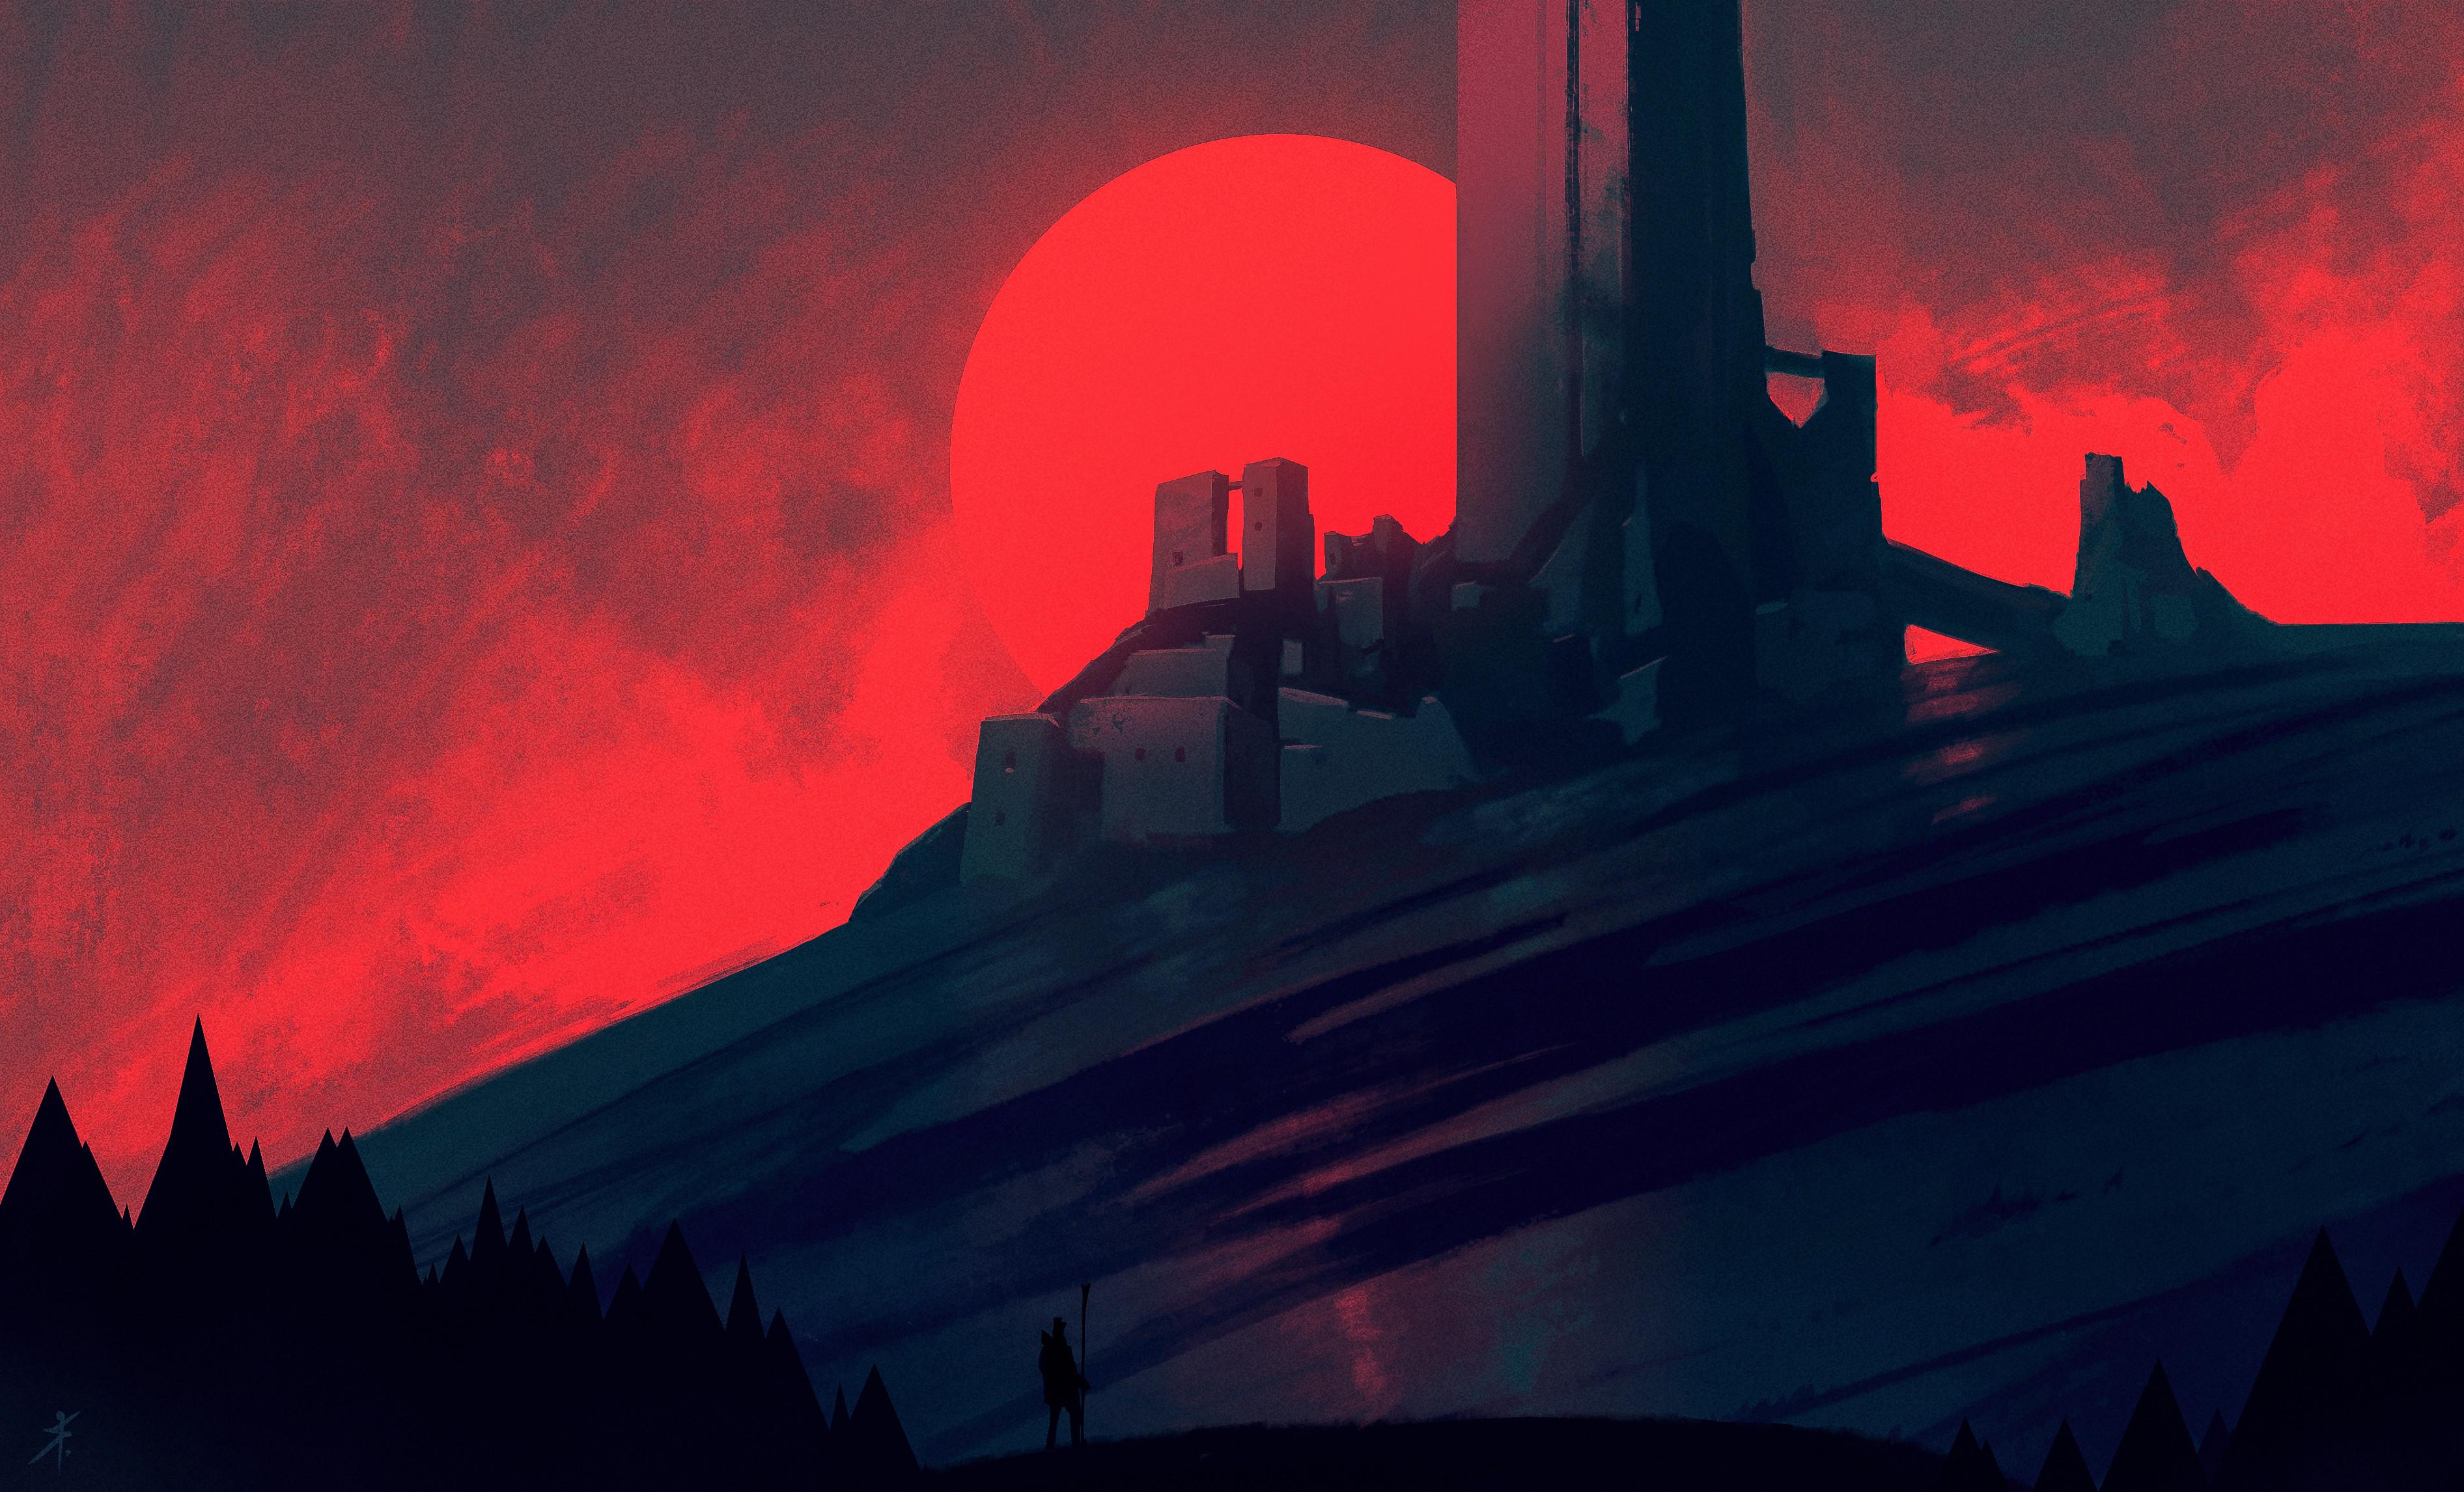 finished image